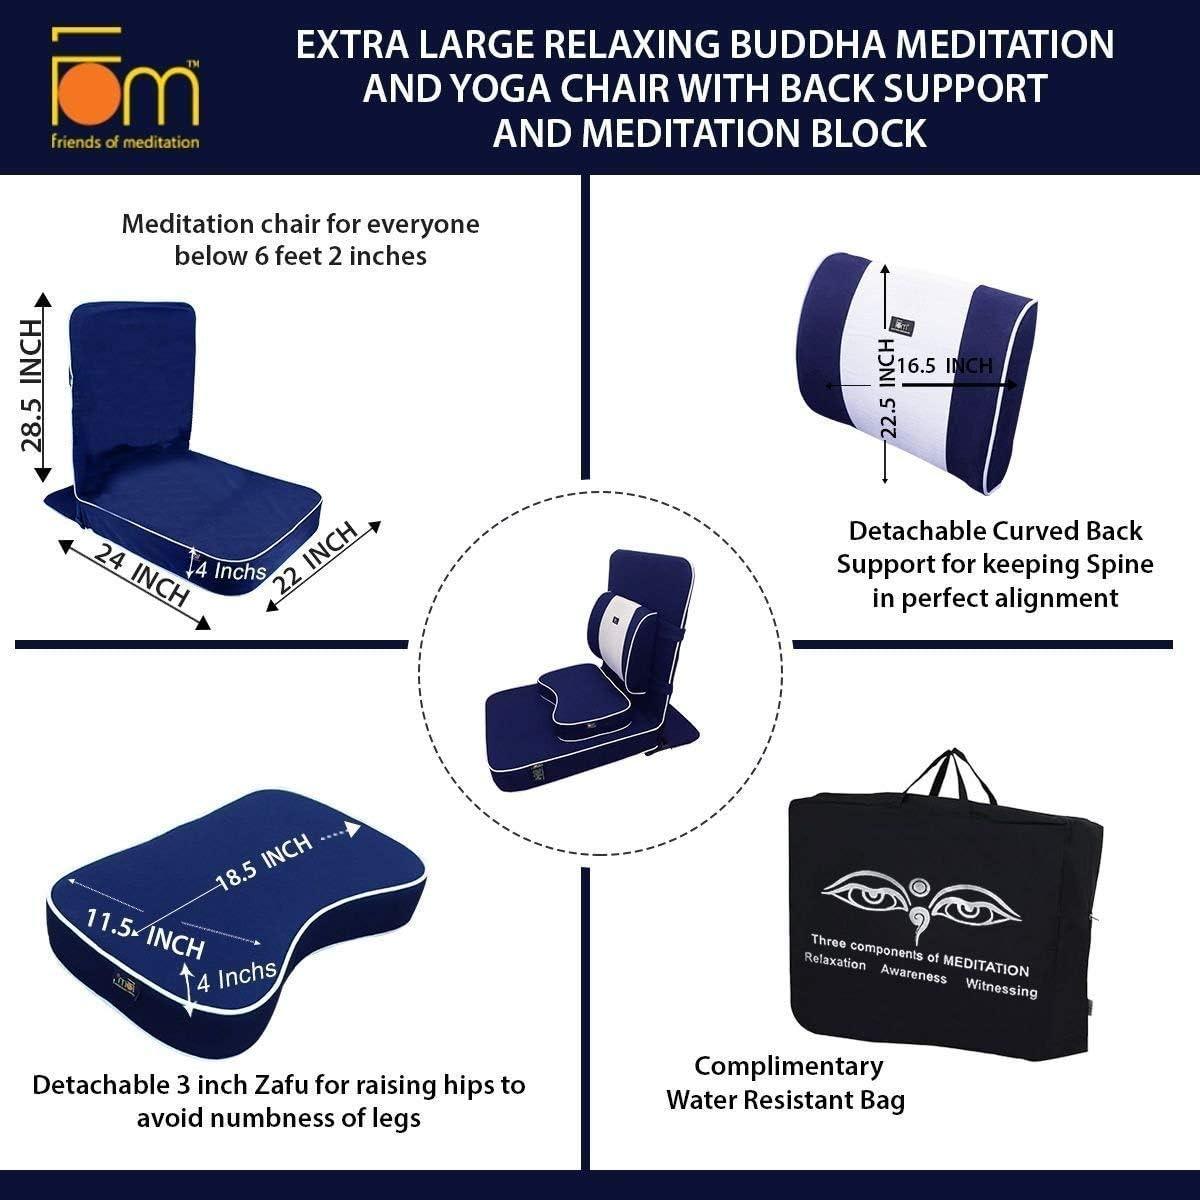 Extra Grande Silla de Descanso de Buda de meditaci/ón y Yoga con la meditaci/ón y el Bloque backsupport FOM Friends of Meditation